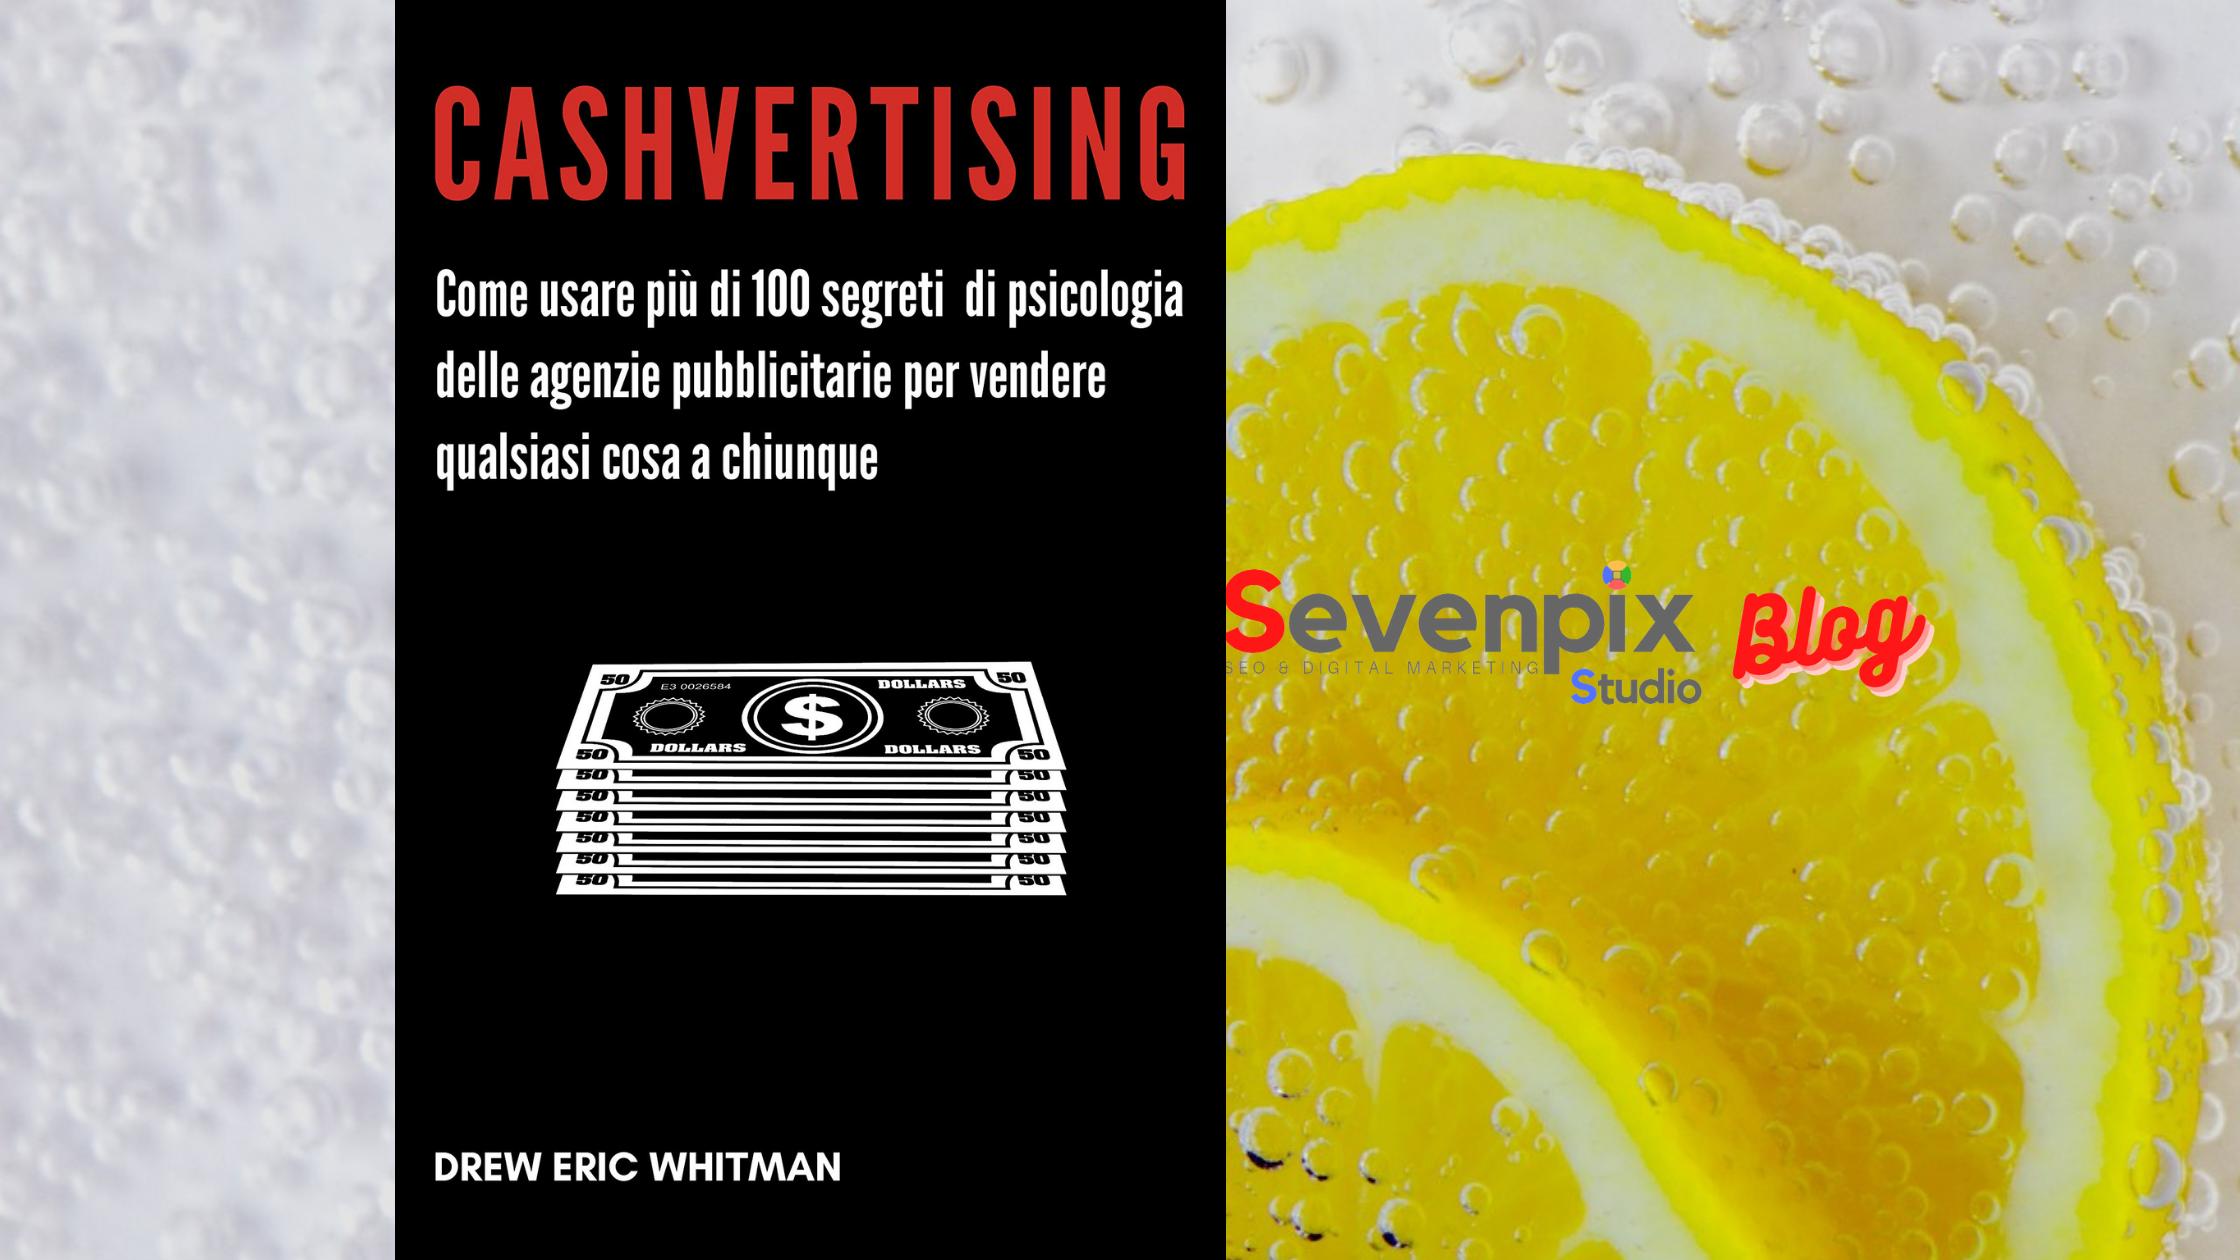 Libro consigliato: 'Cashvertising. Come usare più di 100 segreti di psicologia …' di Drew Eric Whitman